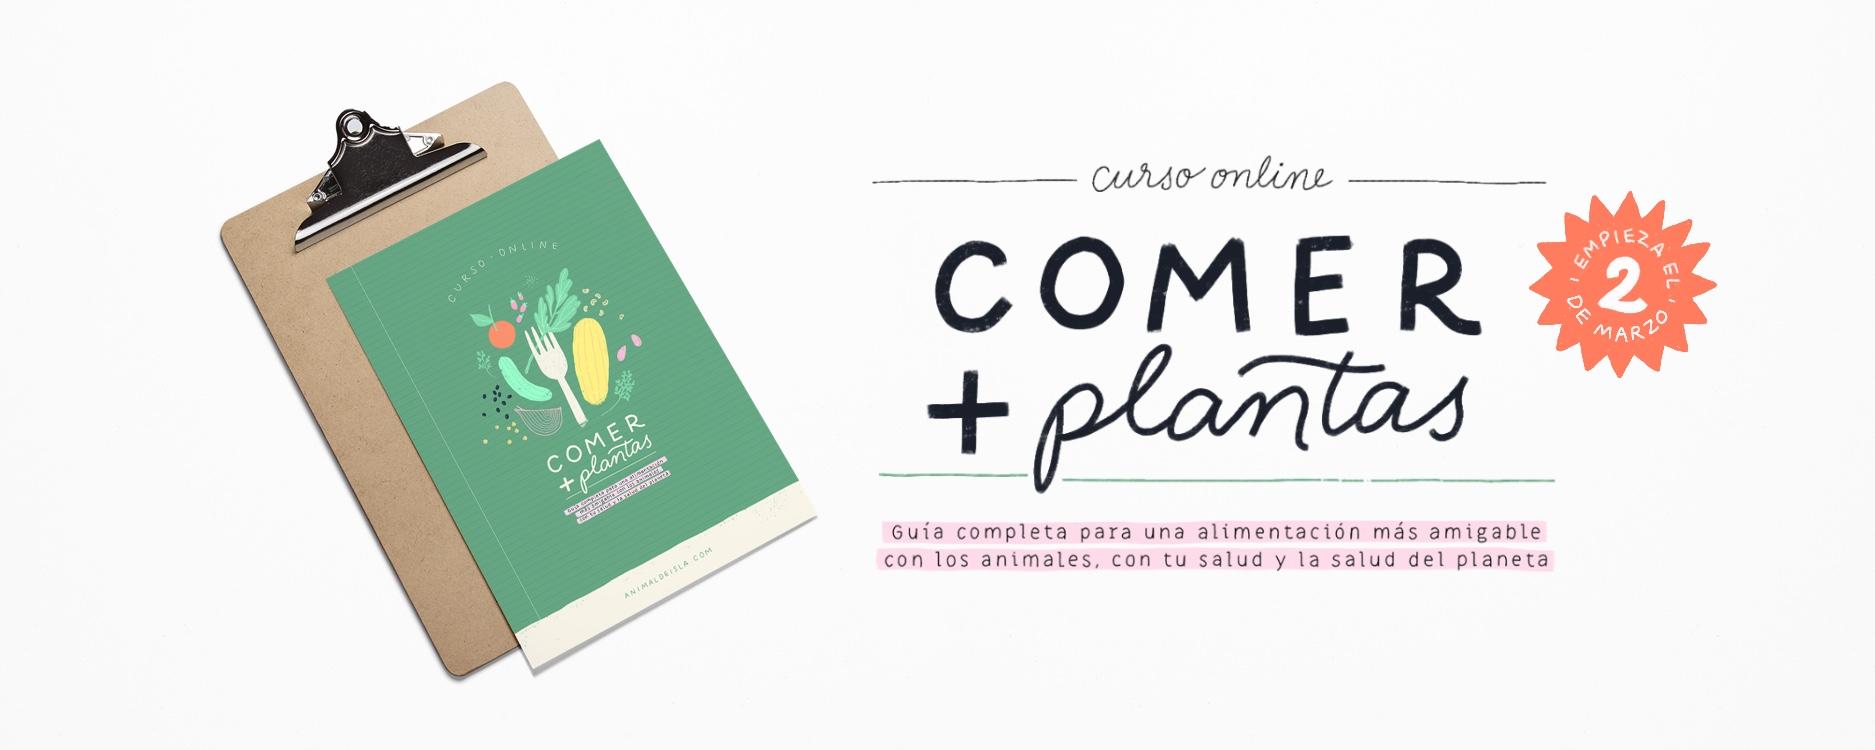 Comer + plantas | Curso online